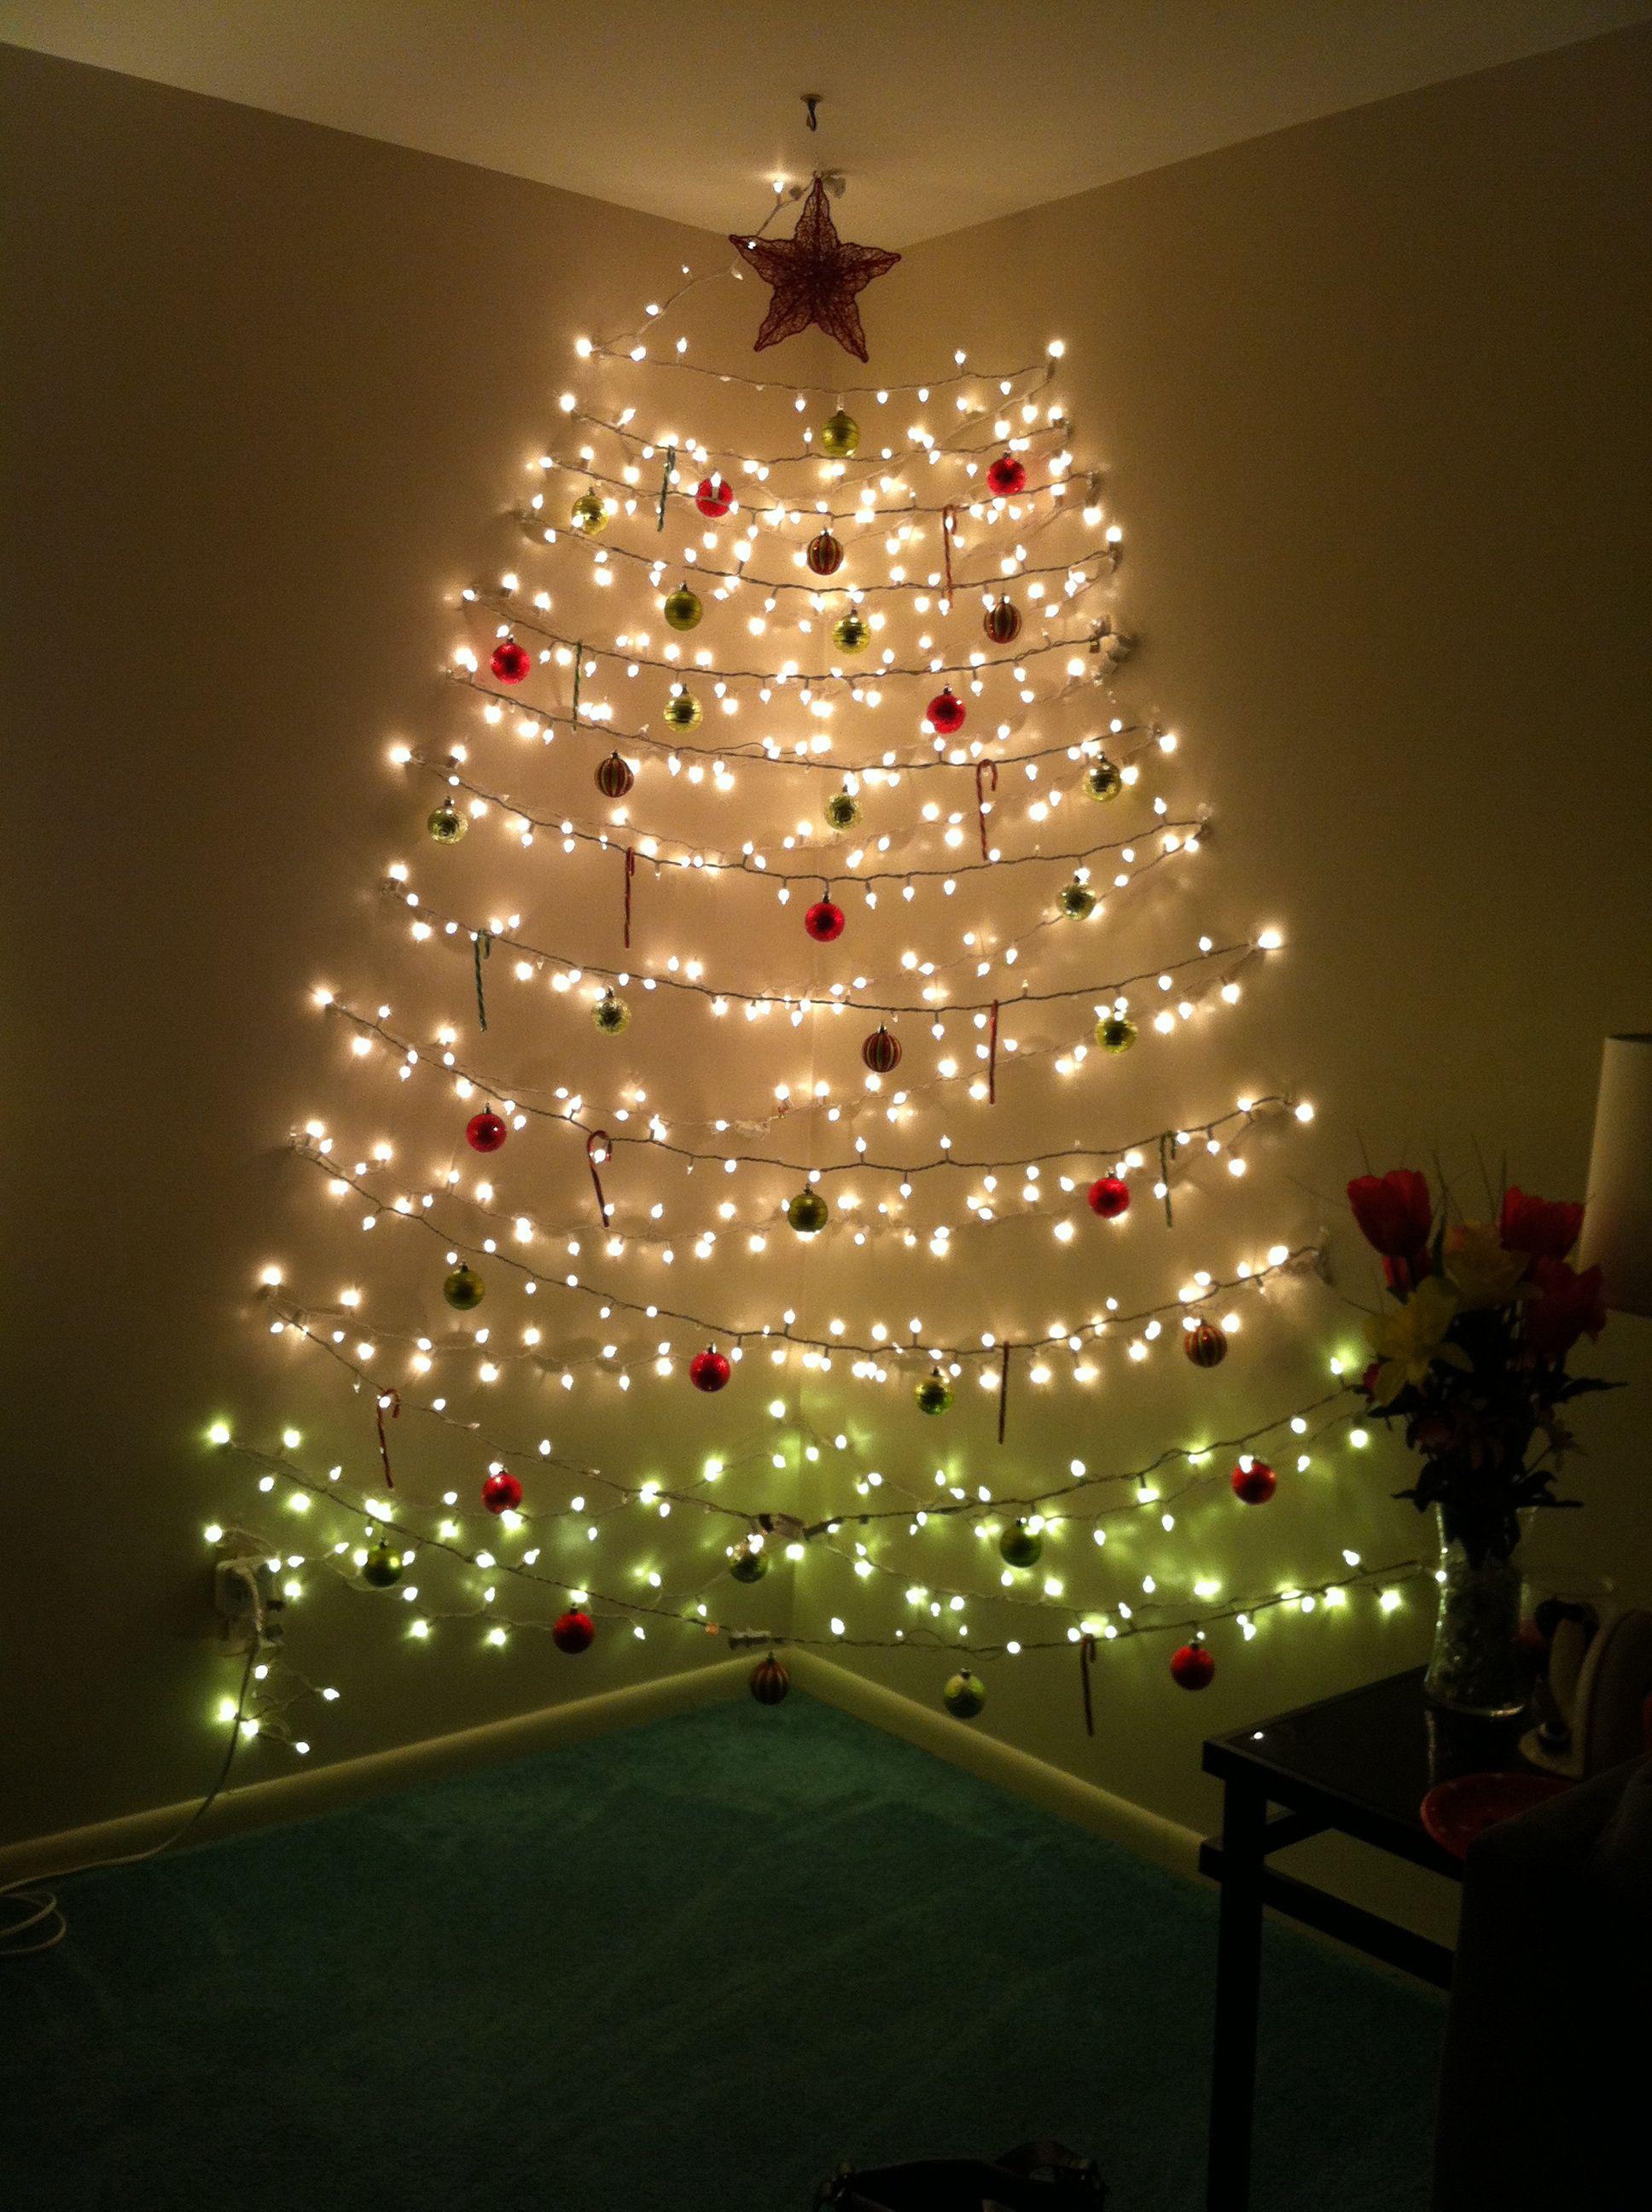 Cây thông Noel với dây đèn lấp lánh rất sáng tạo